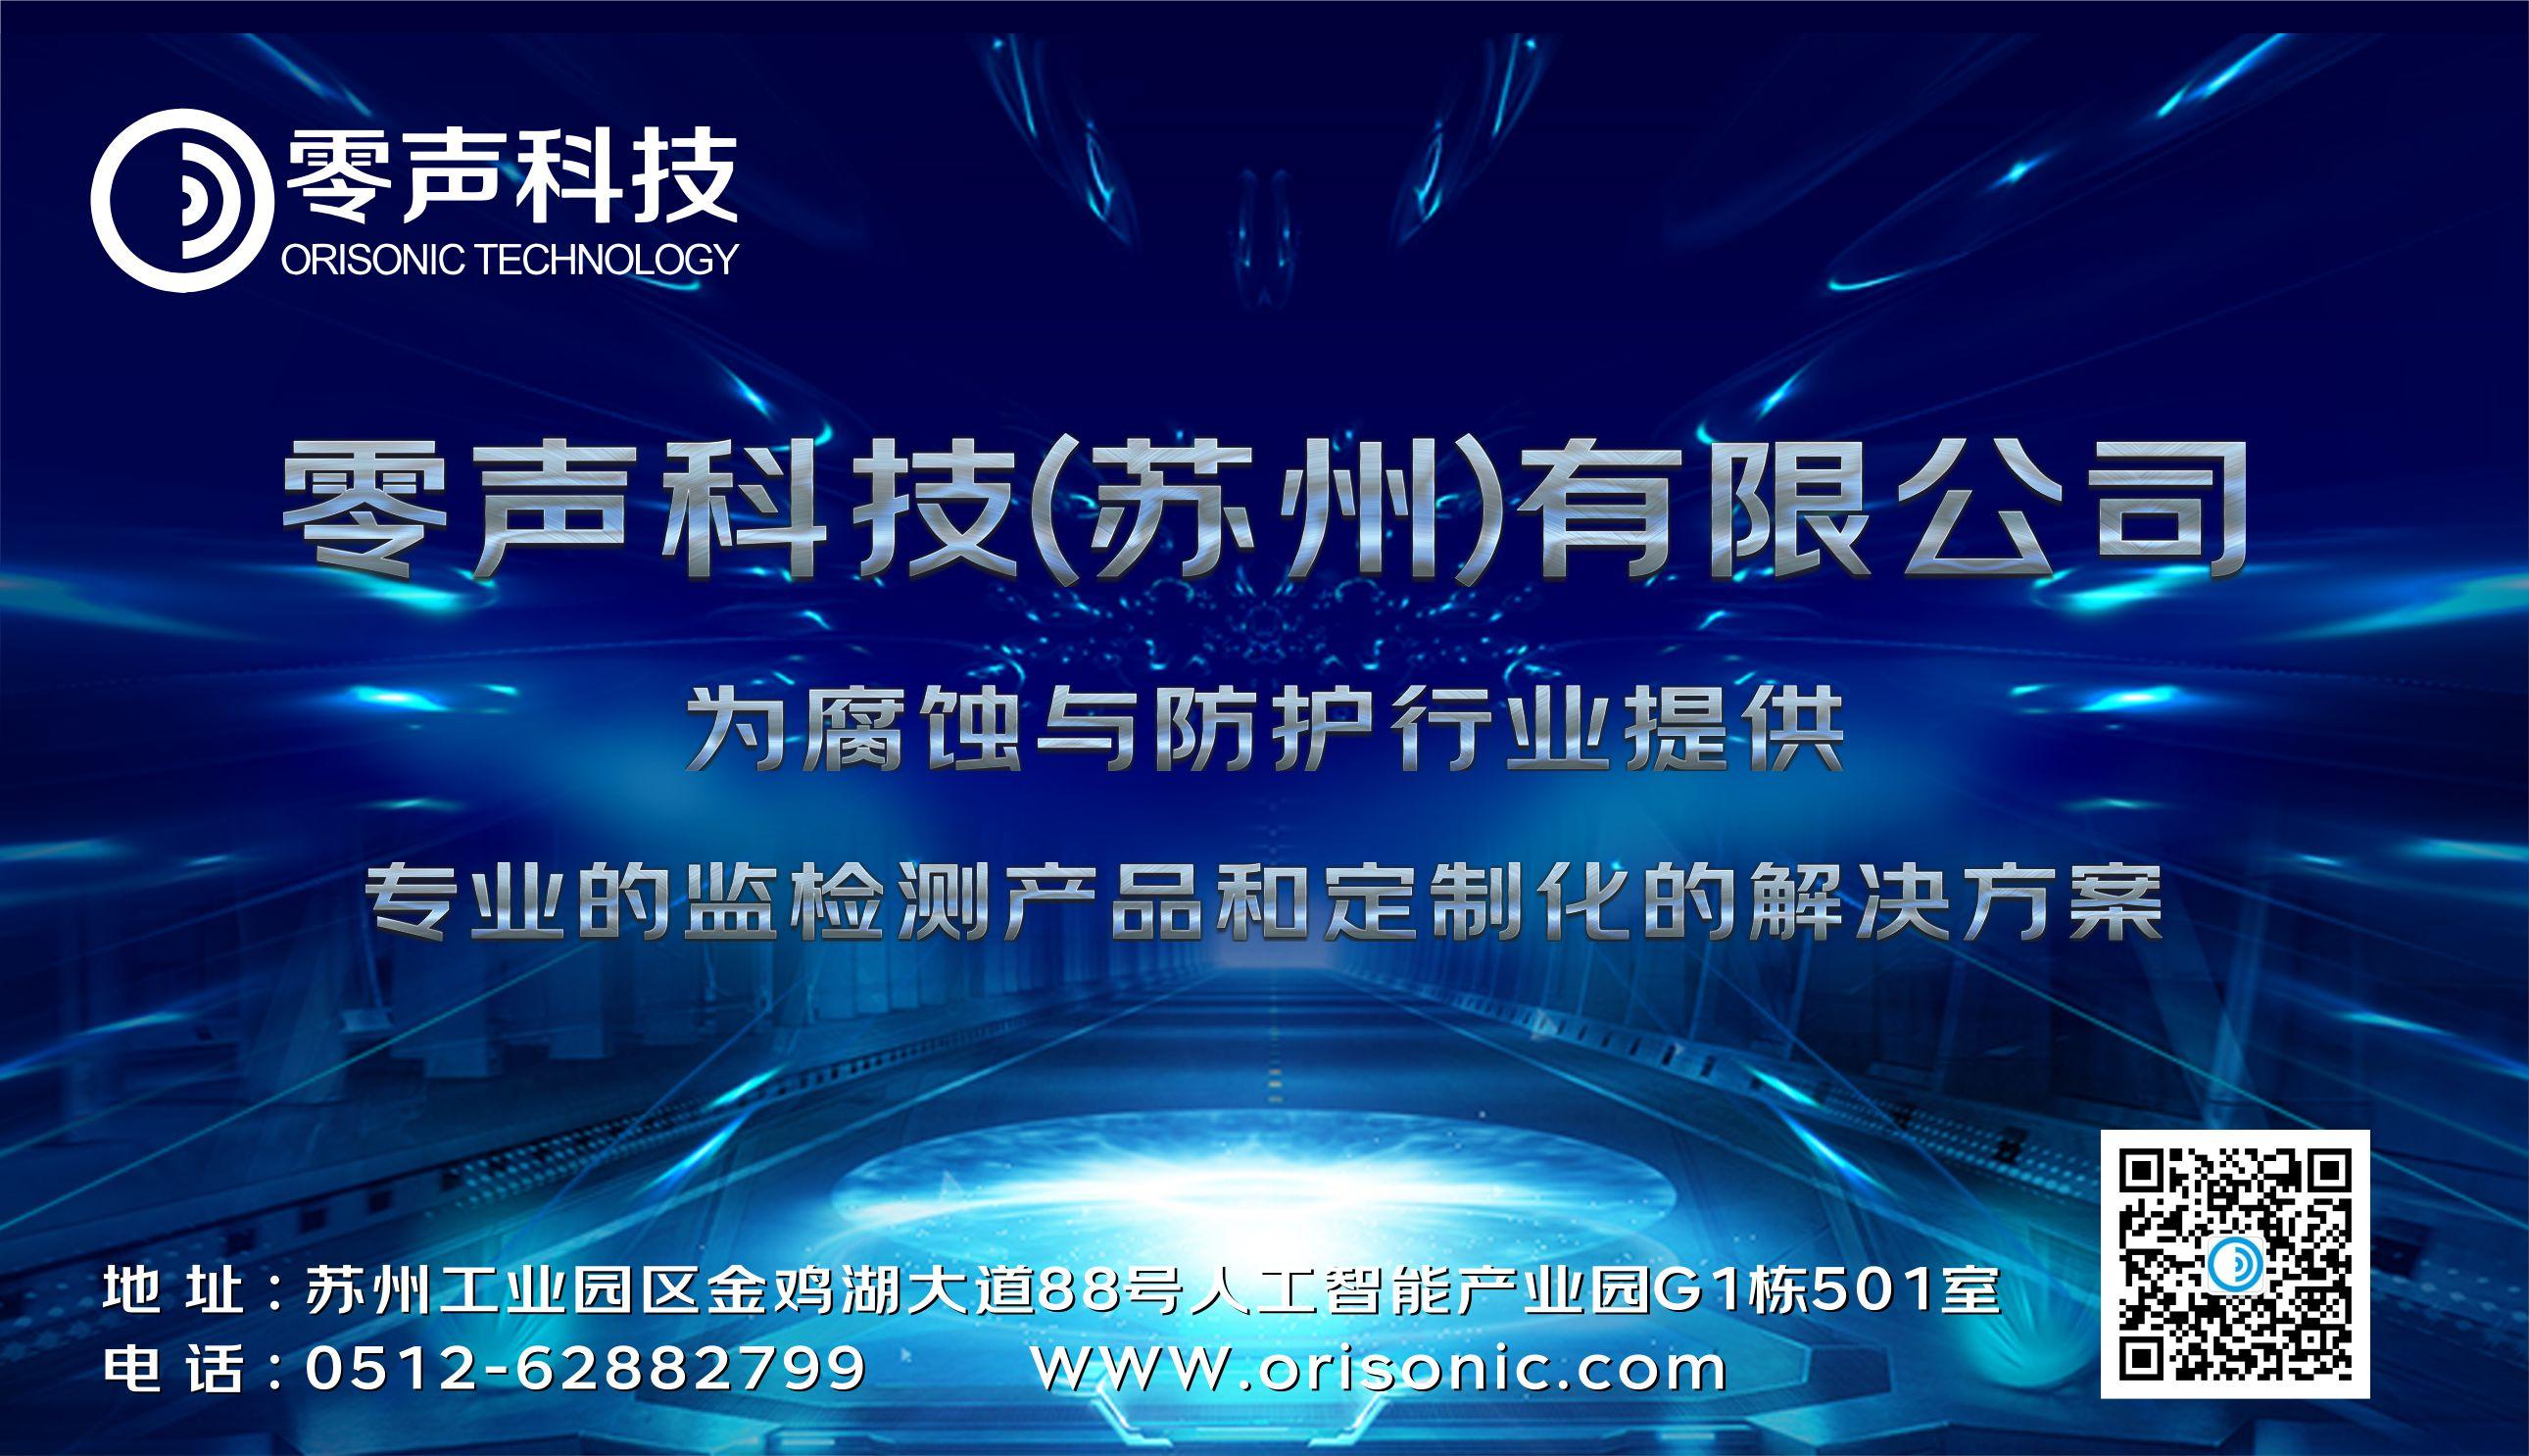 广告平面设计(3.26资料已经补齐)_3036833_k68威客网